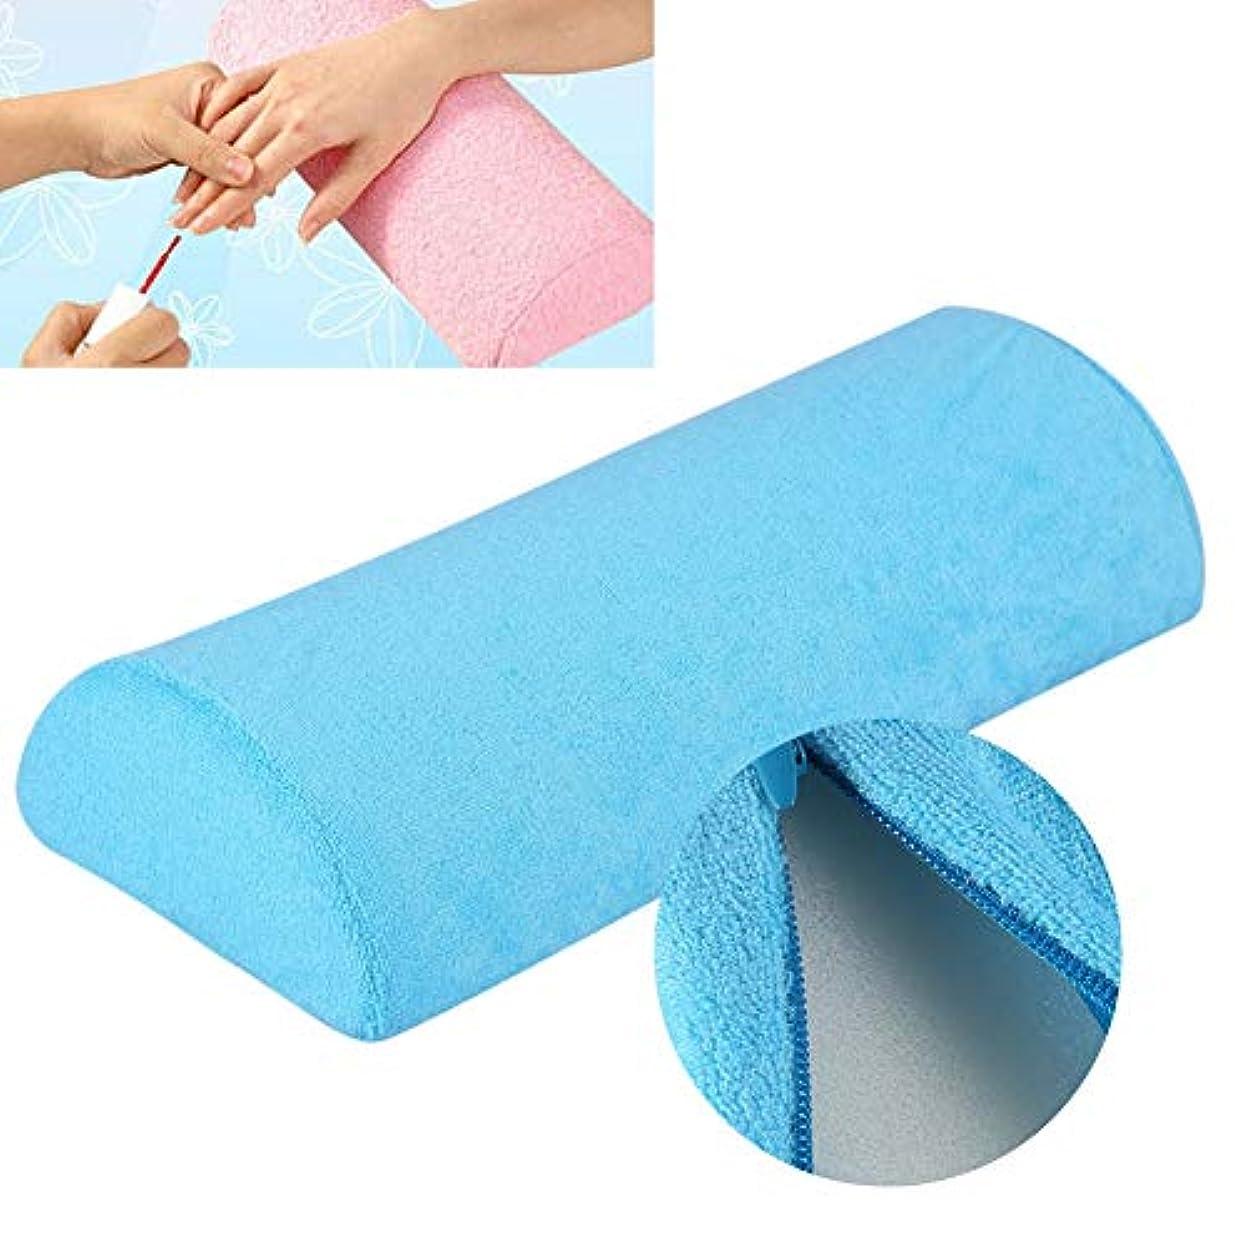 ochunネイル用アームレスト アームレスト ネイル ハンドクッション 10色 サロン ハンドレストクッション 取り外し可能 洗える ネイルアートソフトスポンジ枕(09)